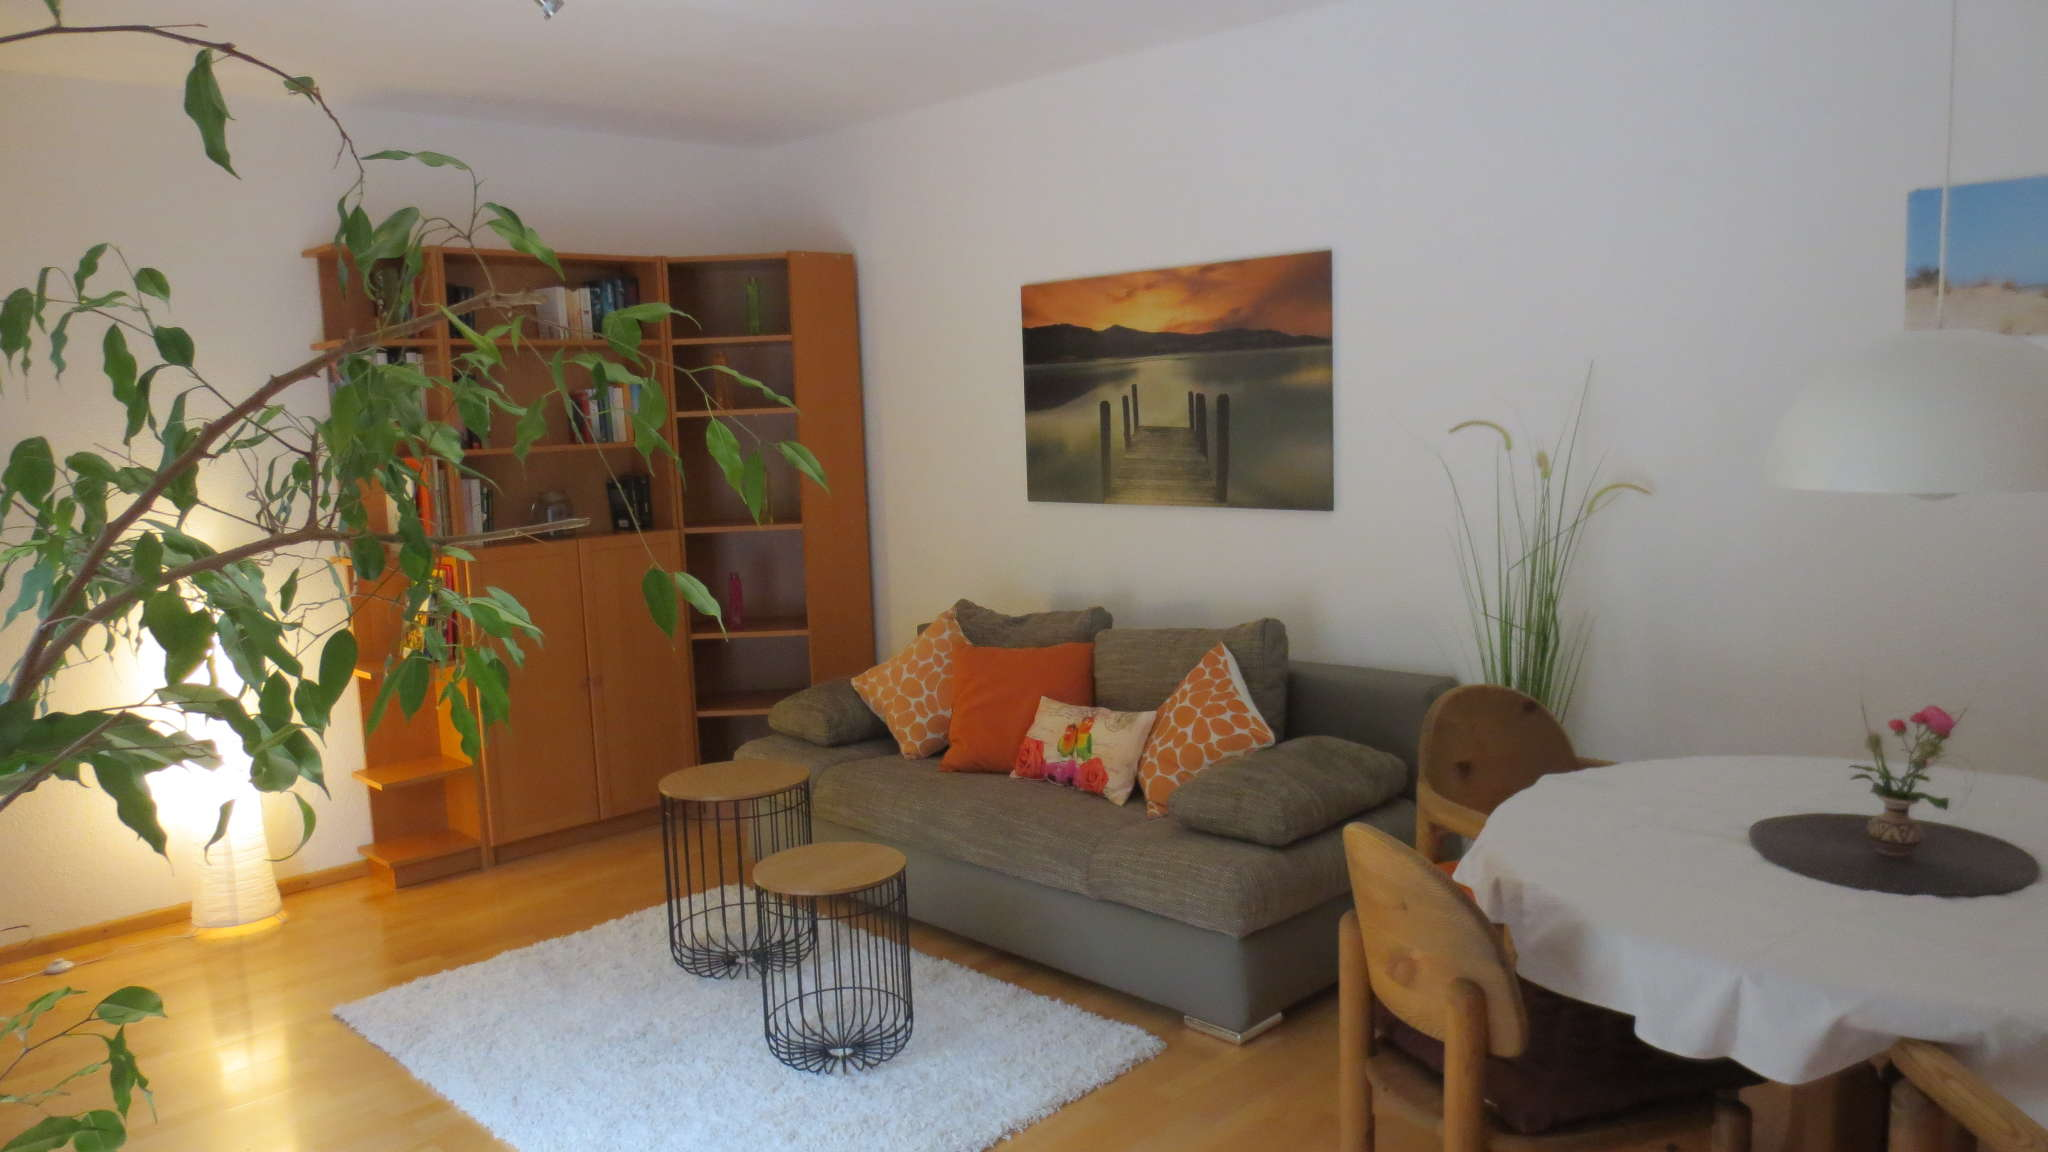 Blick in das Wohn-/Esszimmer